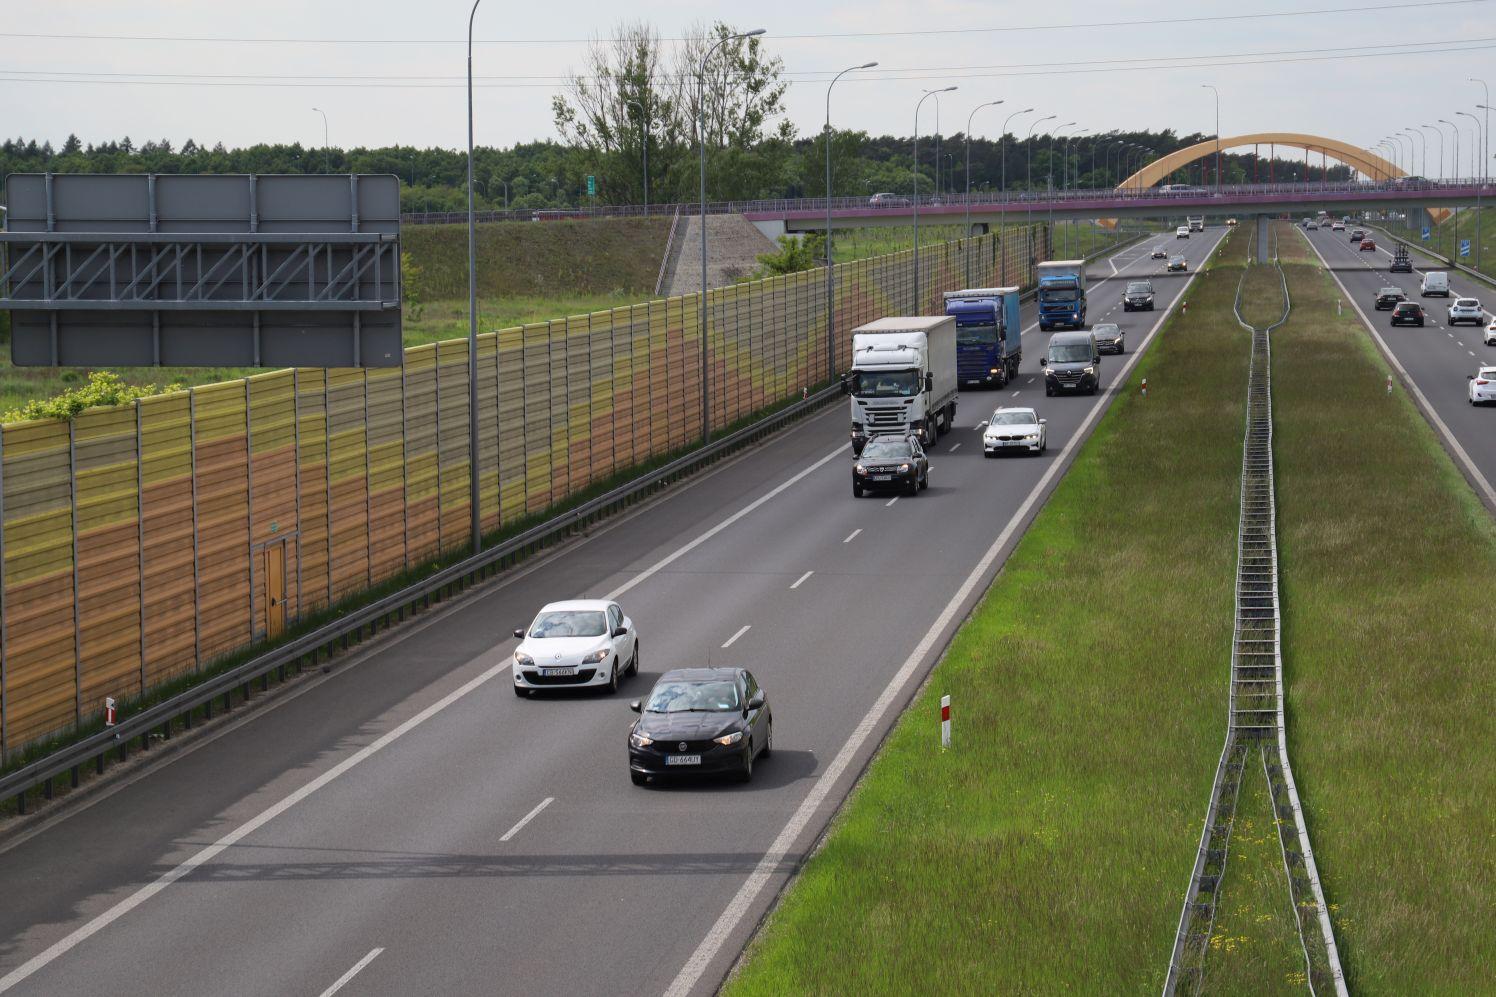 Od poniedziałku usuwanie usterek na autostradzie. Drogowcy apelują o ostrożność - Zdjęcie główne